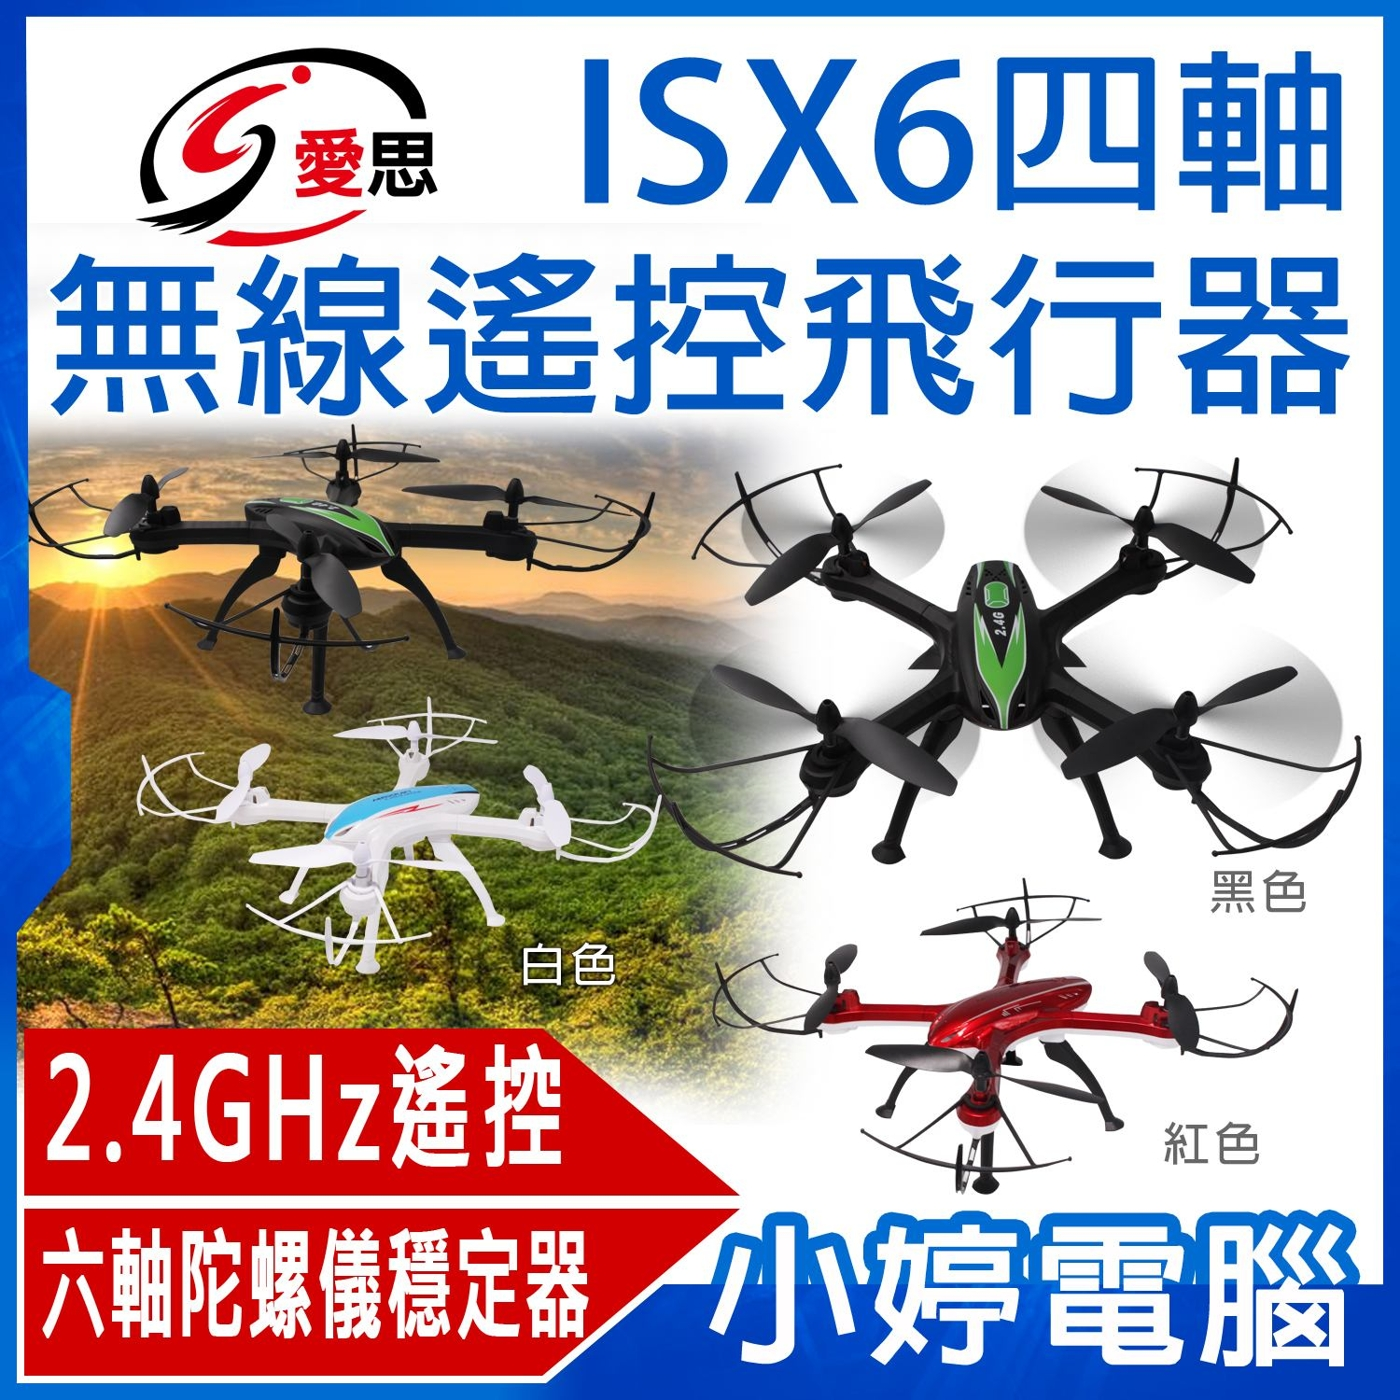 【24期零利率】全新 IS愛思 ISX6四軸飛行器 2.4GHz無線發射 夜間LED閃爍警示燈 六軸陀螺儀